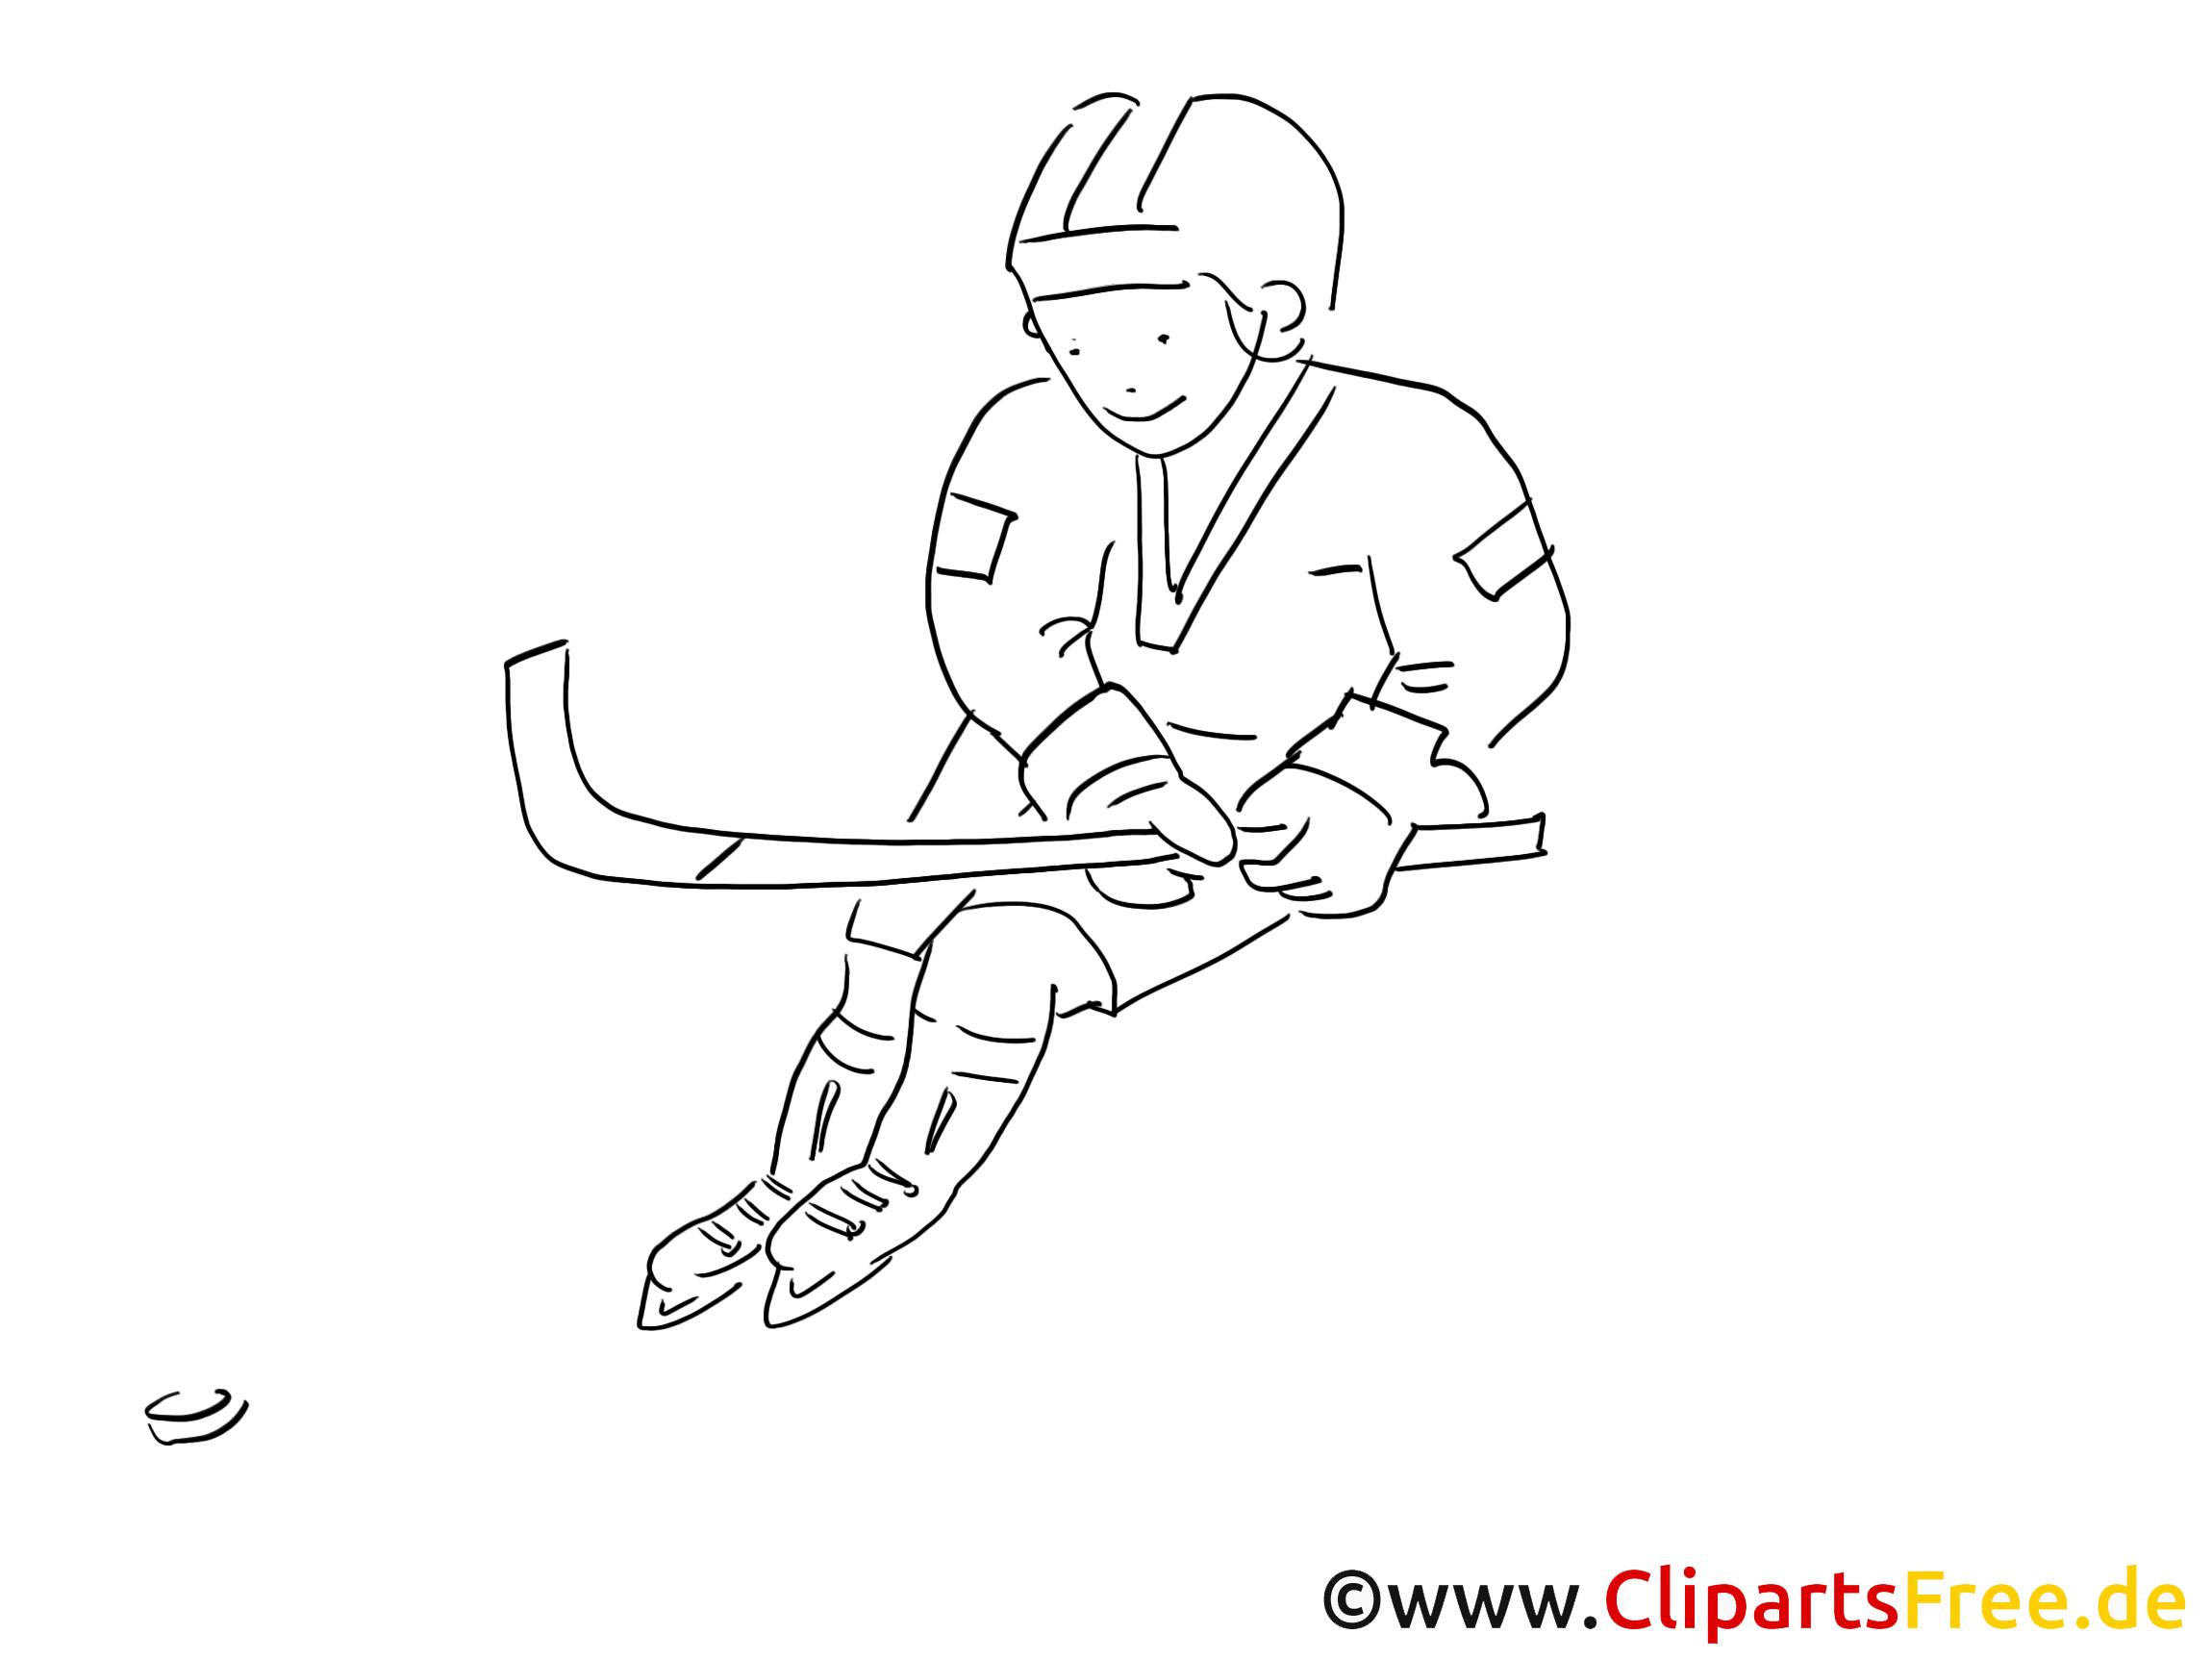 Ausgezeichnet Eishockey Malvorlagen Zum Ausdrucken Bilder - Ideen ...